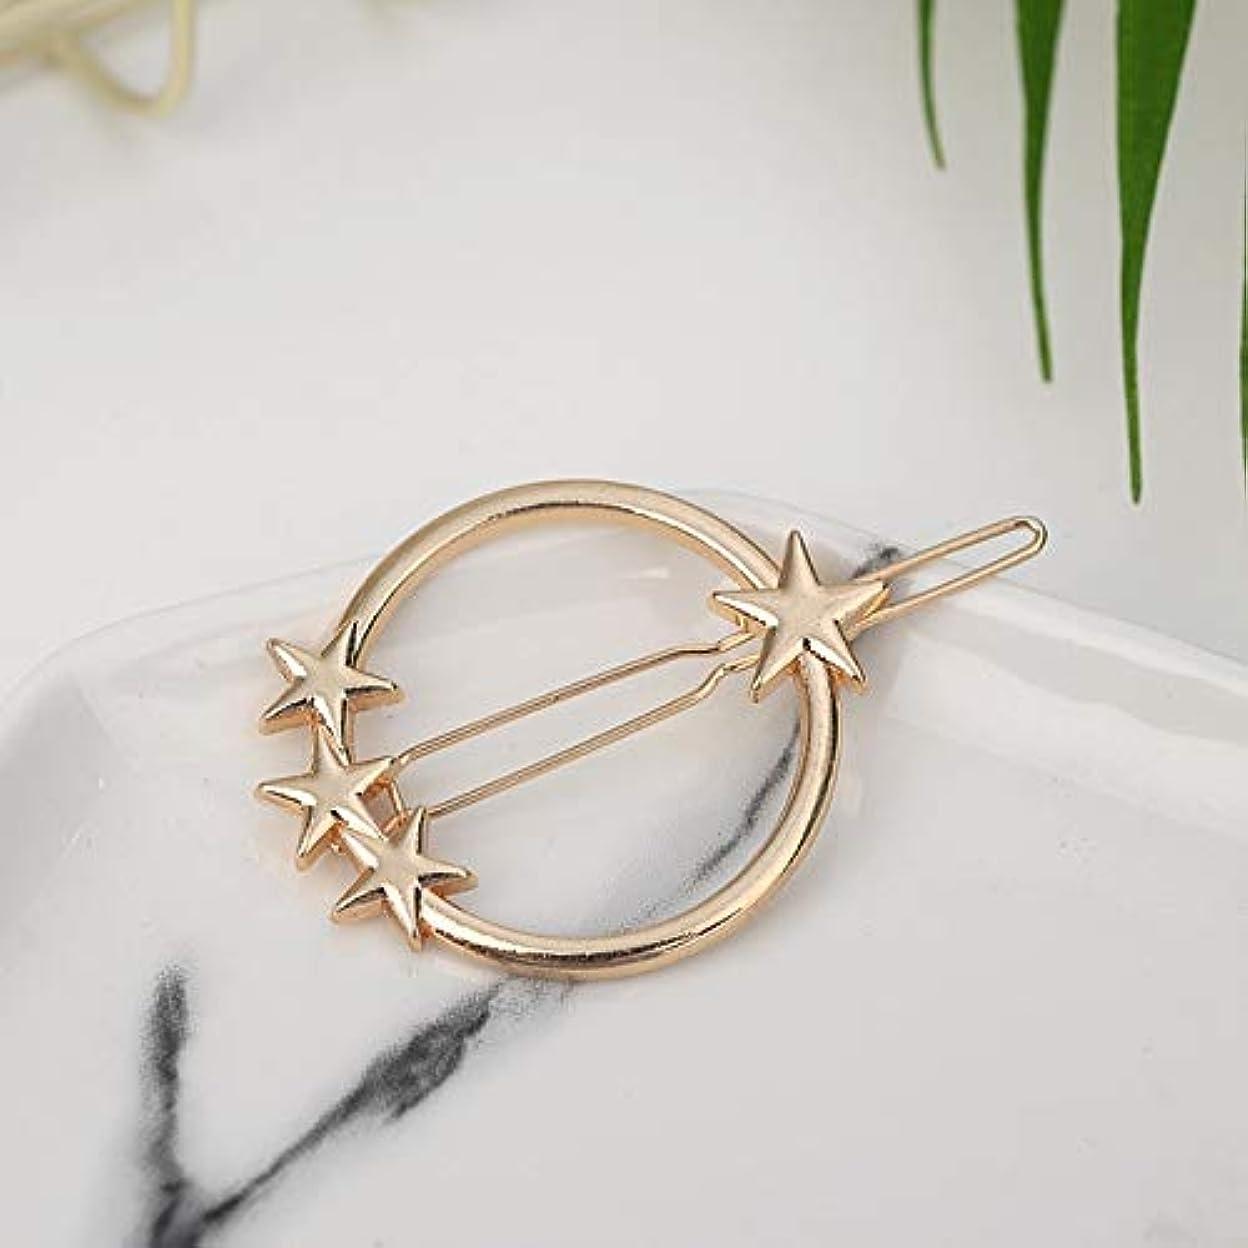 たとえ自体差Hairpinheair YHM 2ピースファッション女性ヘアアクセサリートライアングルヘアクリップピンメタル幾何学的合金ヘアバンド(ムーンゴールド) (色 : Round-star gold)